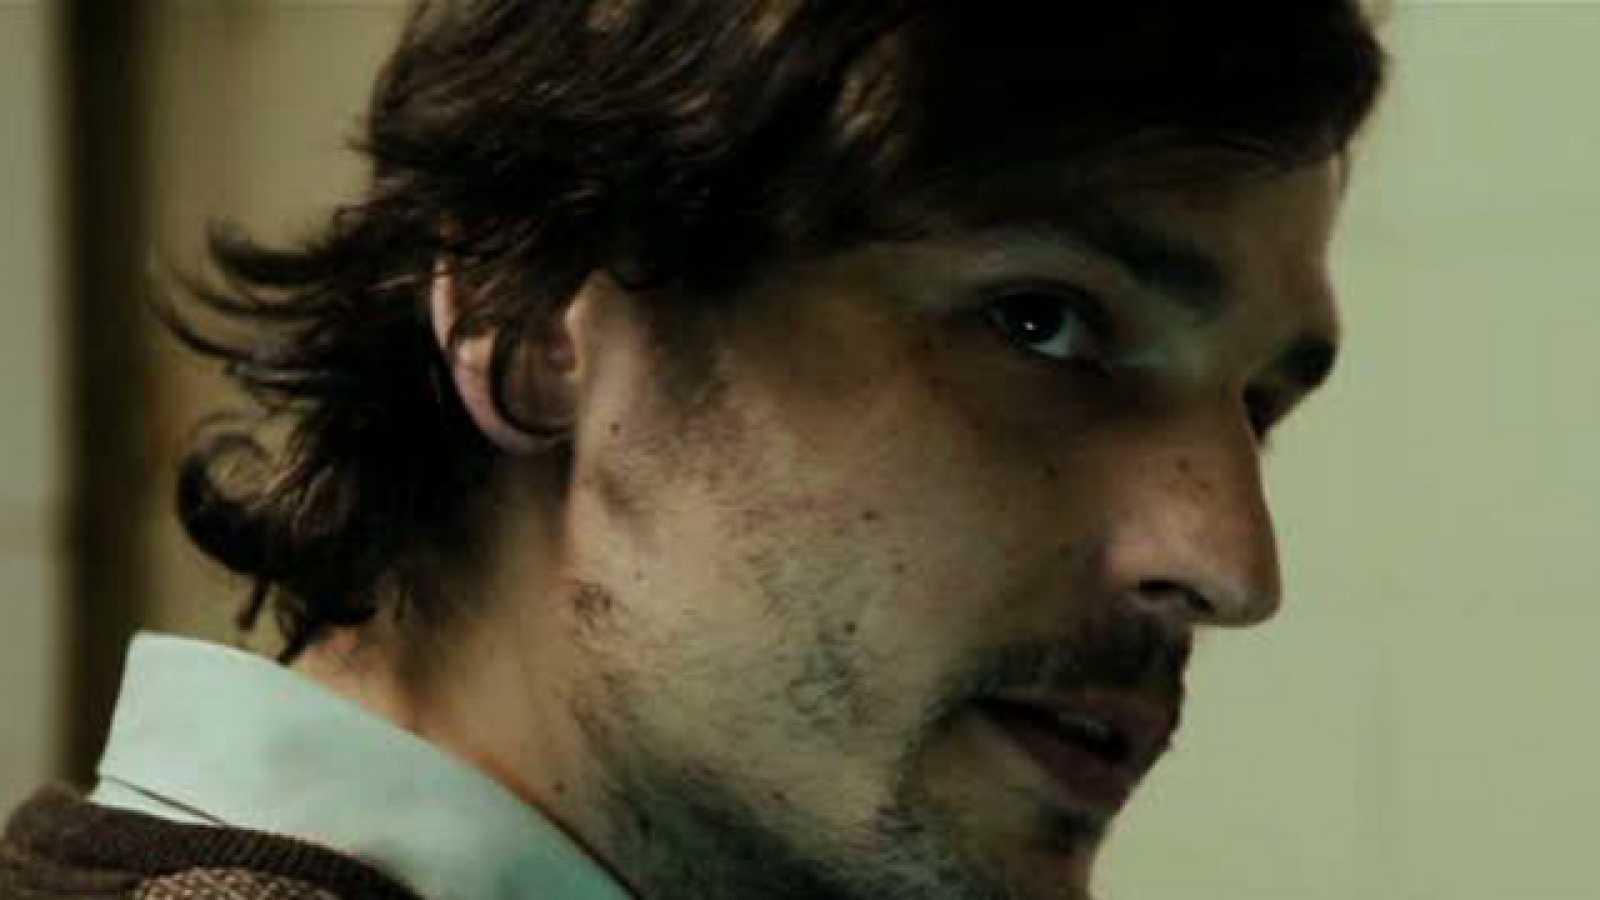 Dirigido por Daniel Dam. Sinopsis: Como todos los días, Andrés llega a casa y se encuentra con una situación que se ha vuelto insoportable.